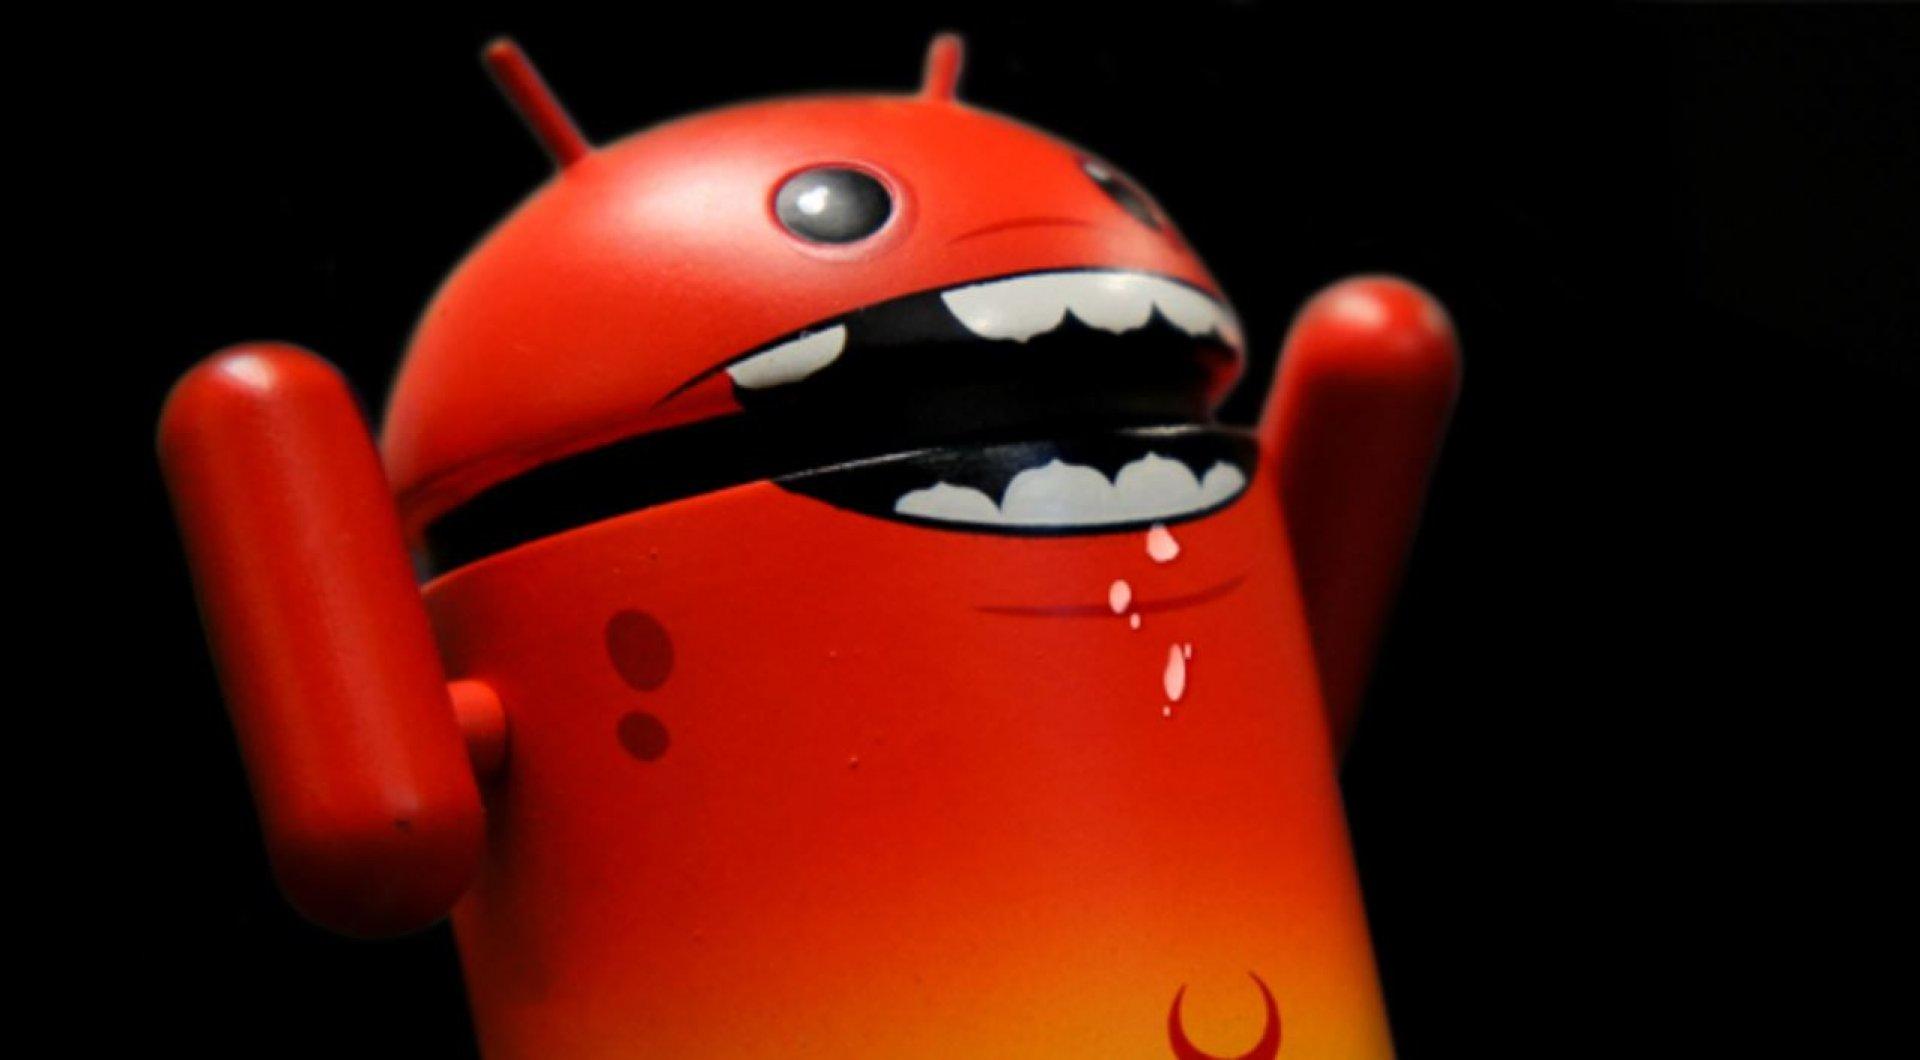 Вас ограбил телефон, или Новый троянский мобильный банковский вирус